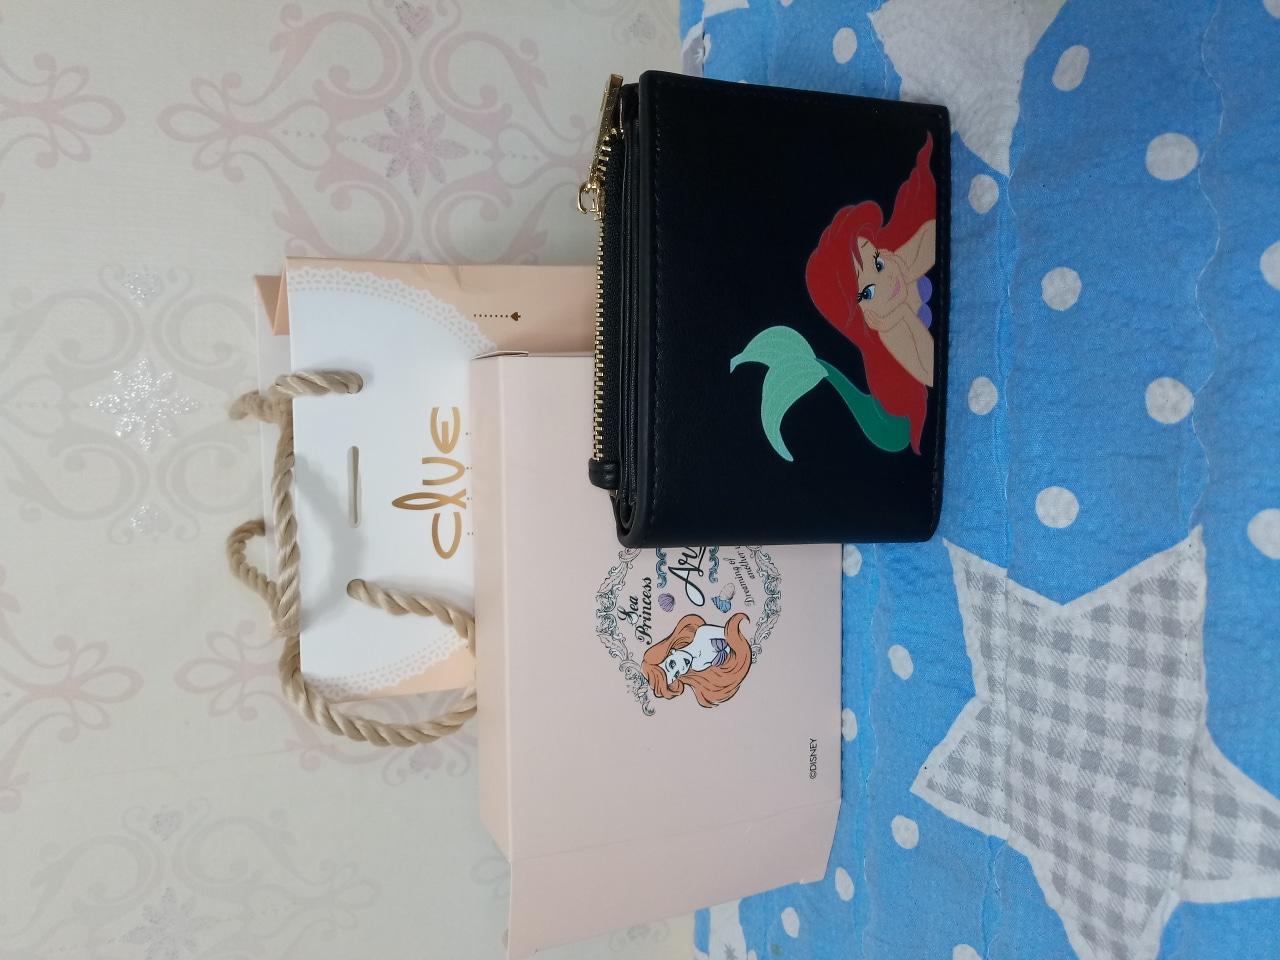 클루,클루반지갑,디즈니지갑,지갑,반지갑